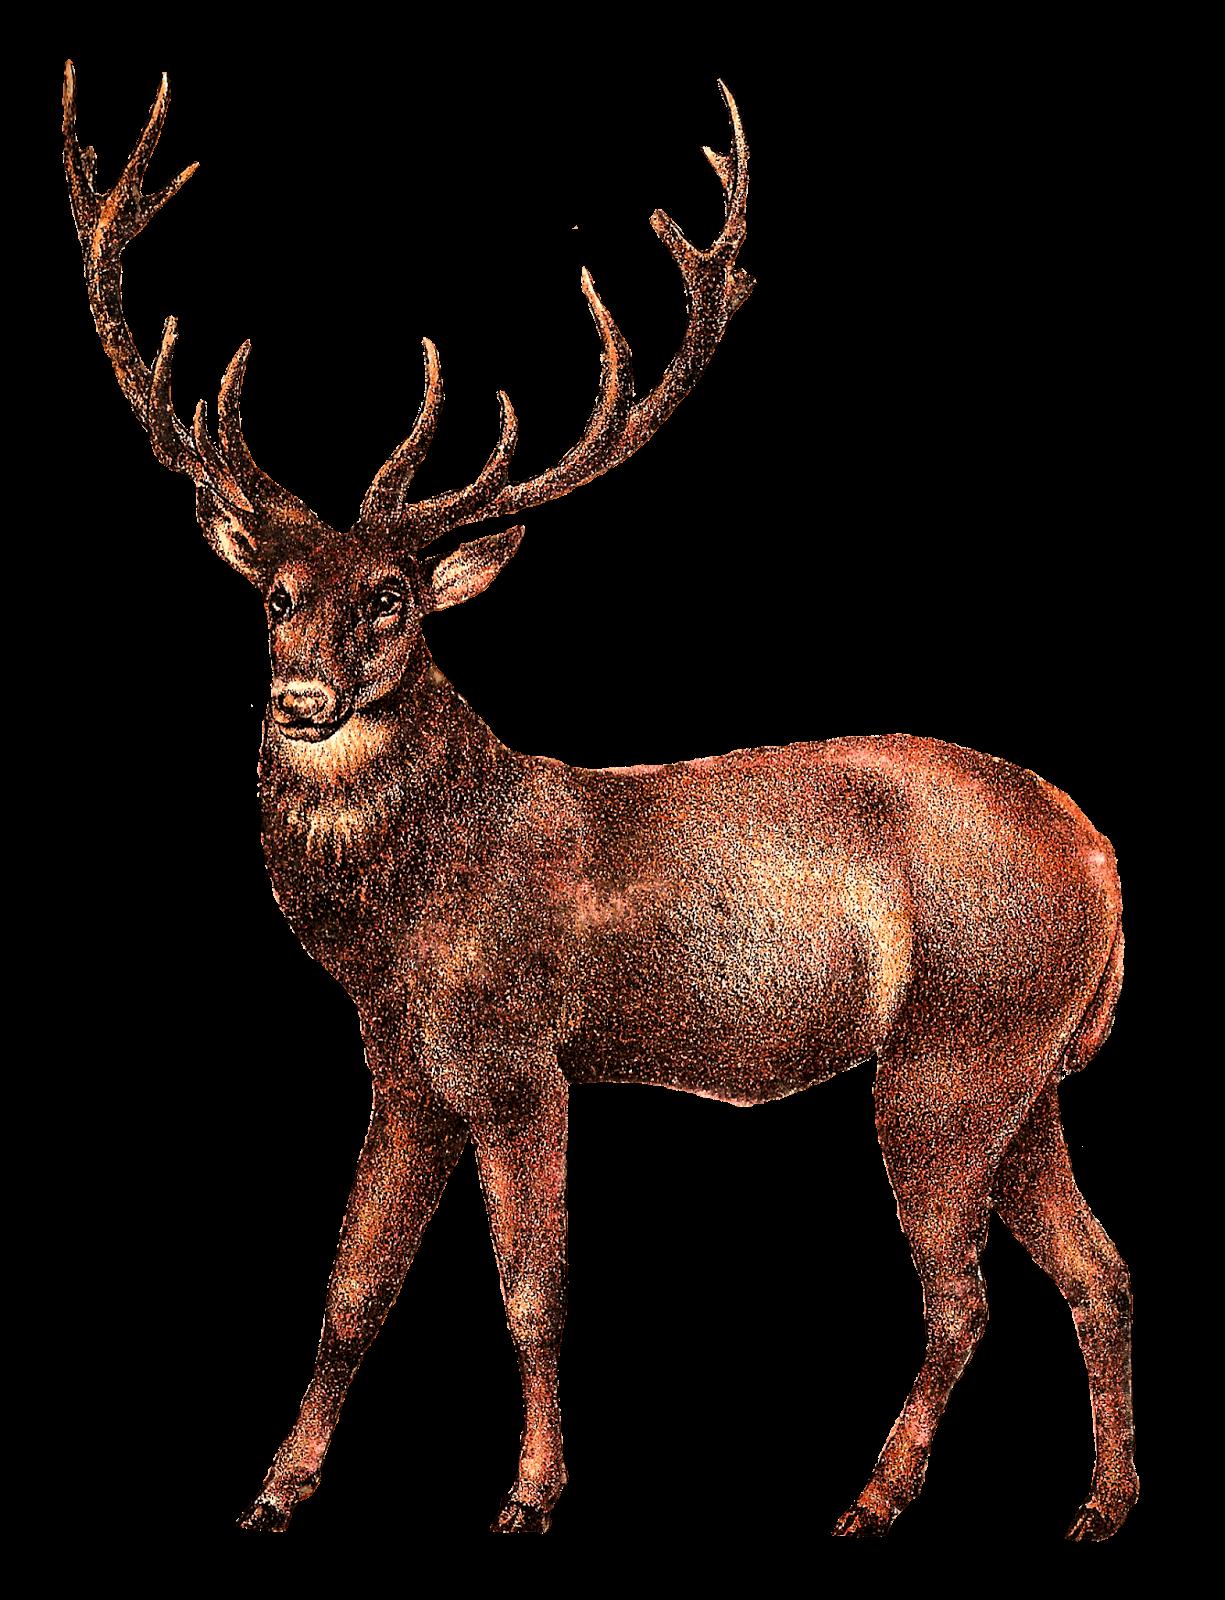 1225x1600 Antique Deer Image Transparent Png